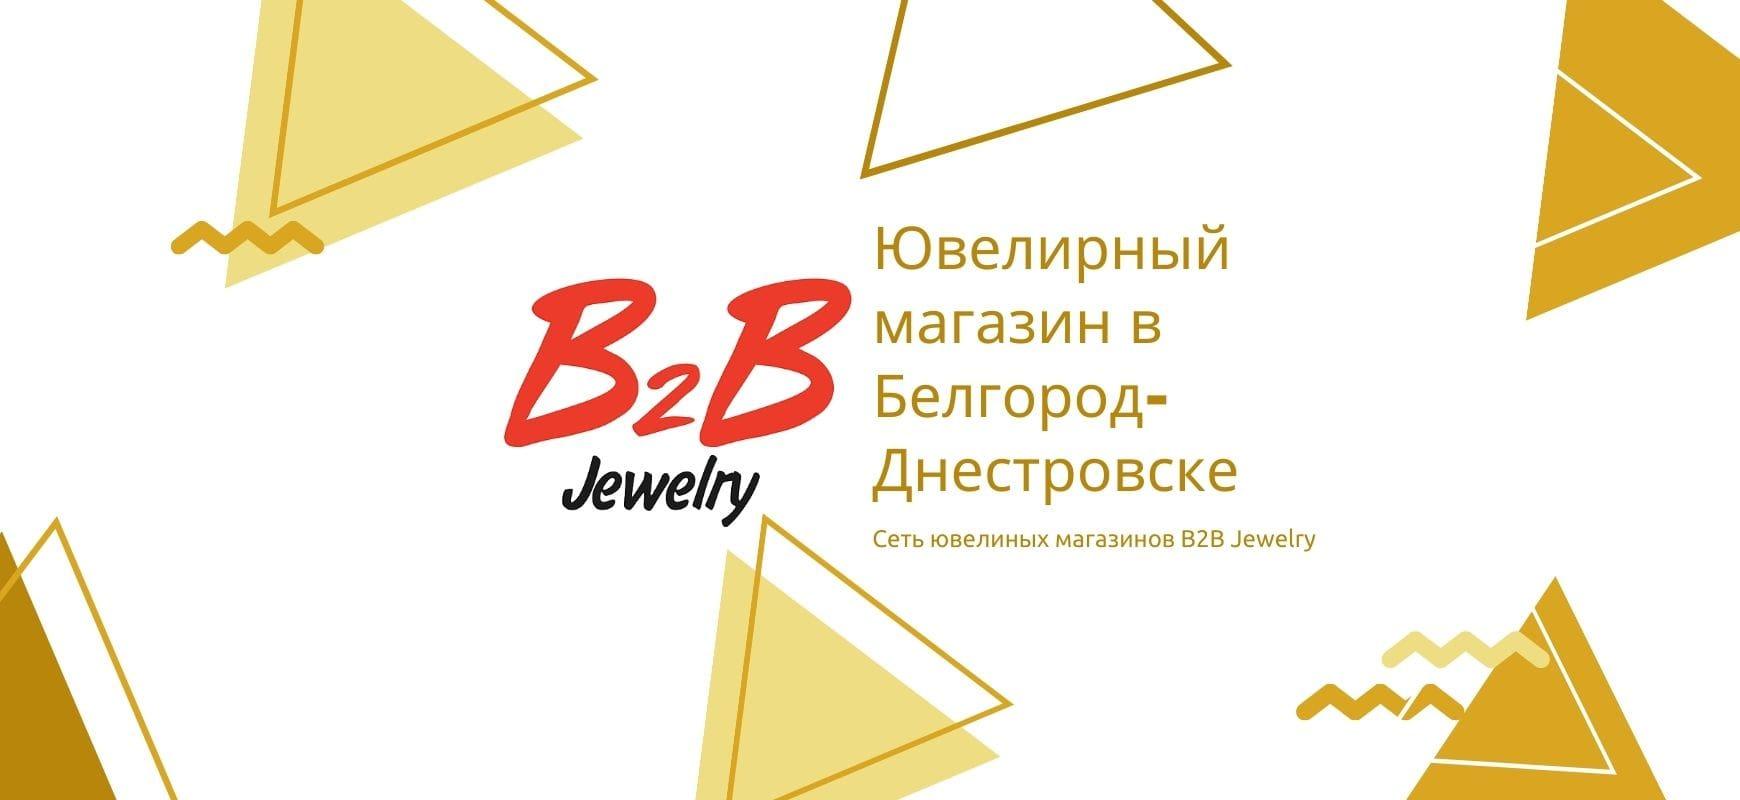 B2B JEWELRY БЕЛГОРОД-ДНЕСТРОВСК